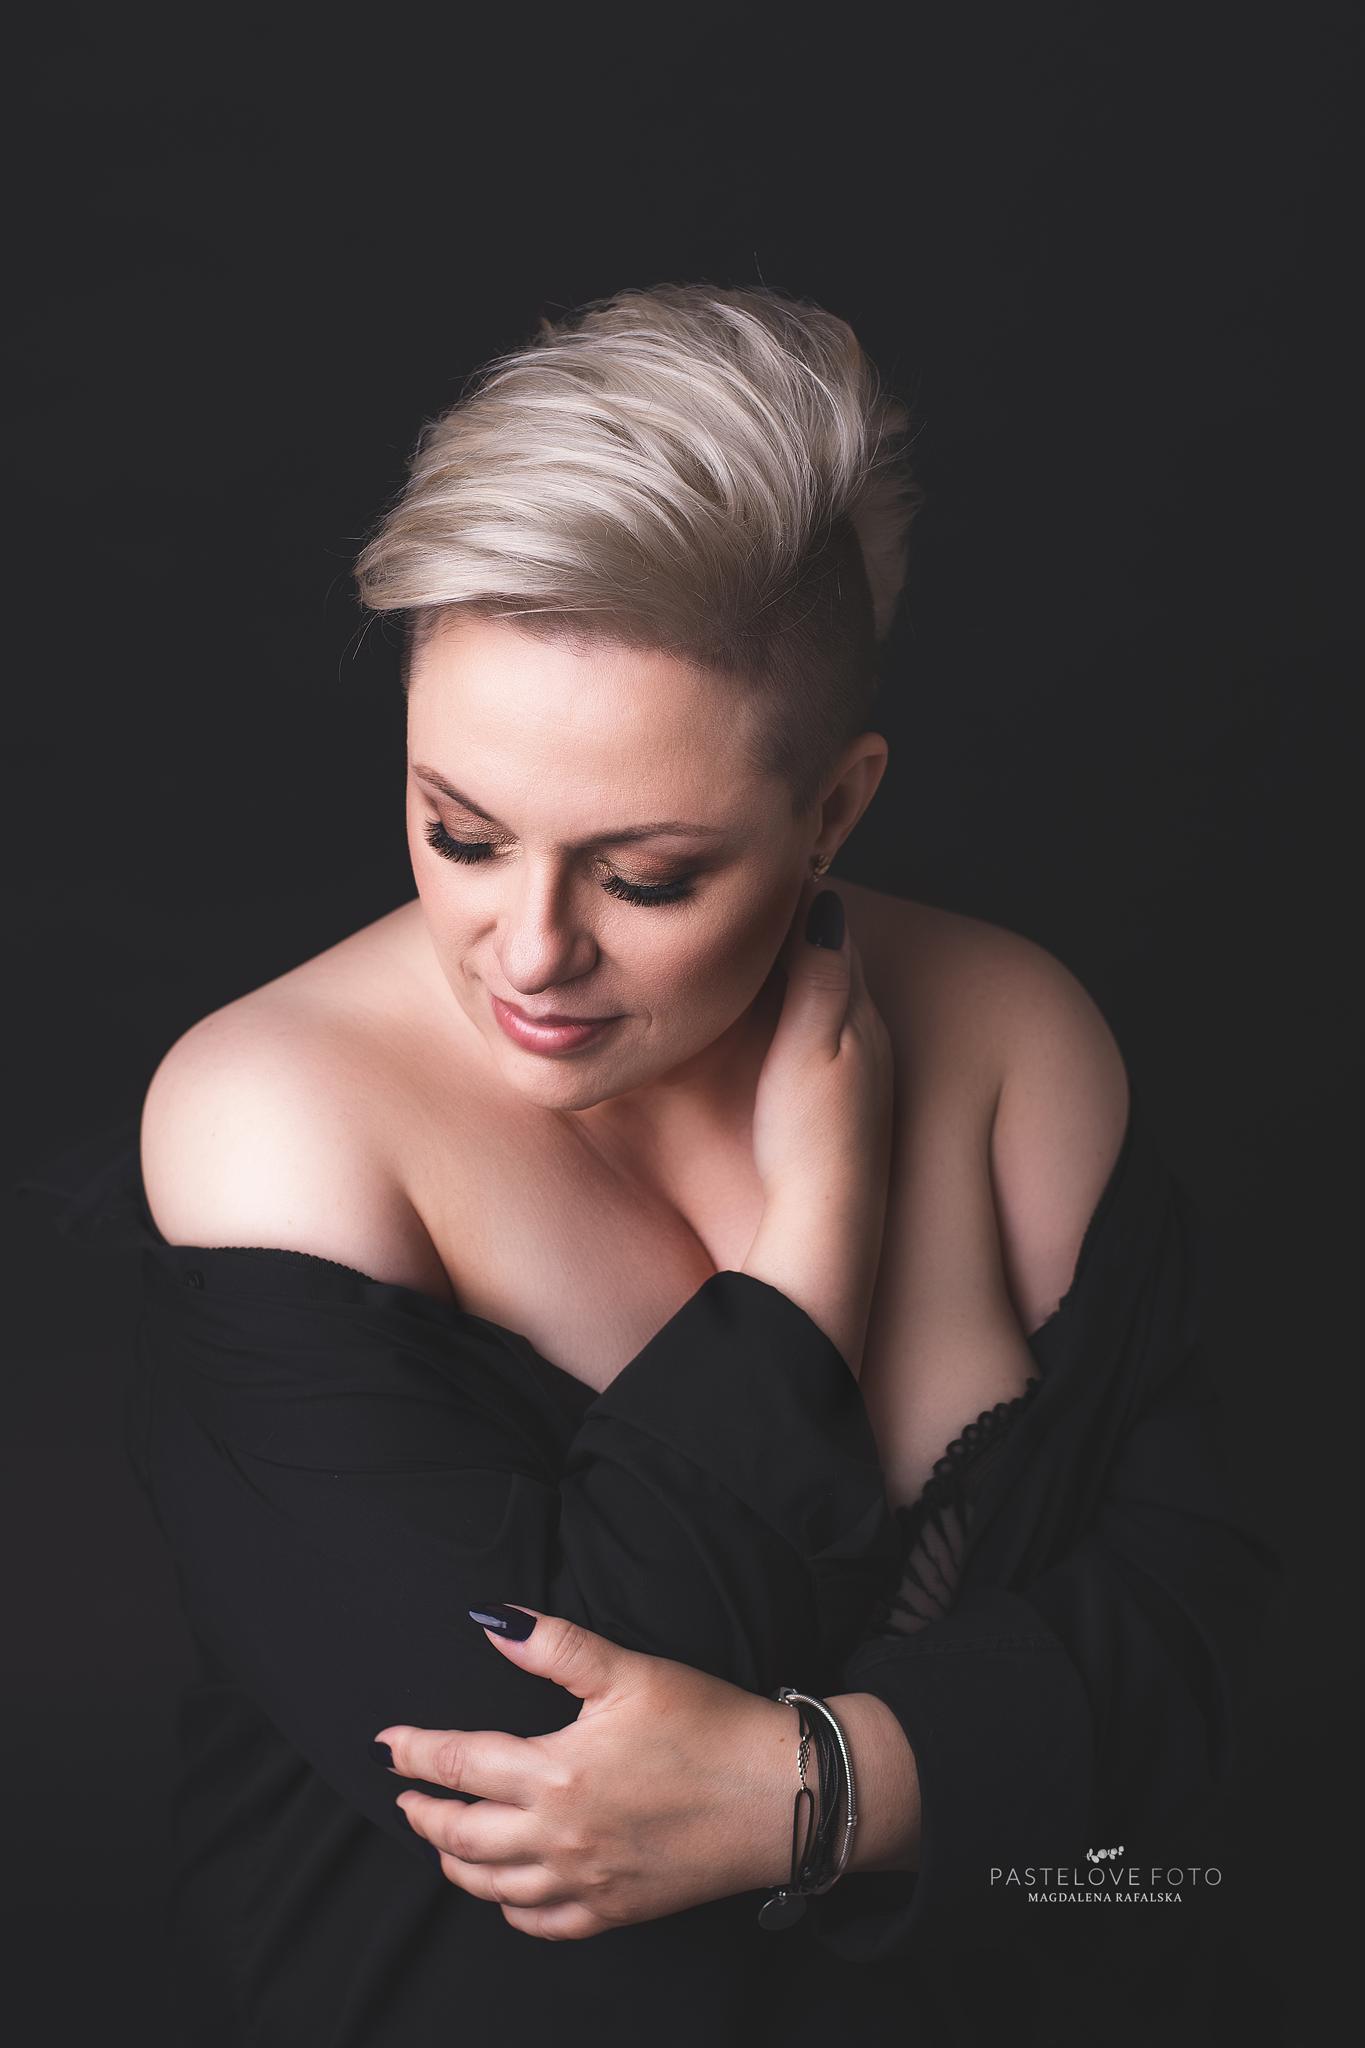 portret-kobiecy-studio-sesja-zmysłowa-sensualna-portret-kobieta-włocławek